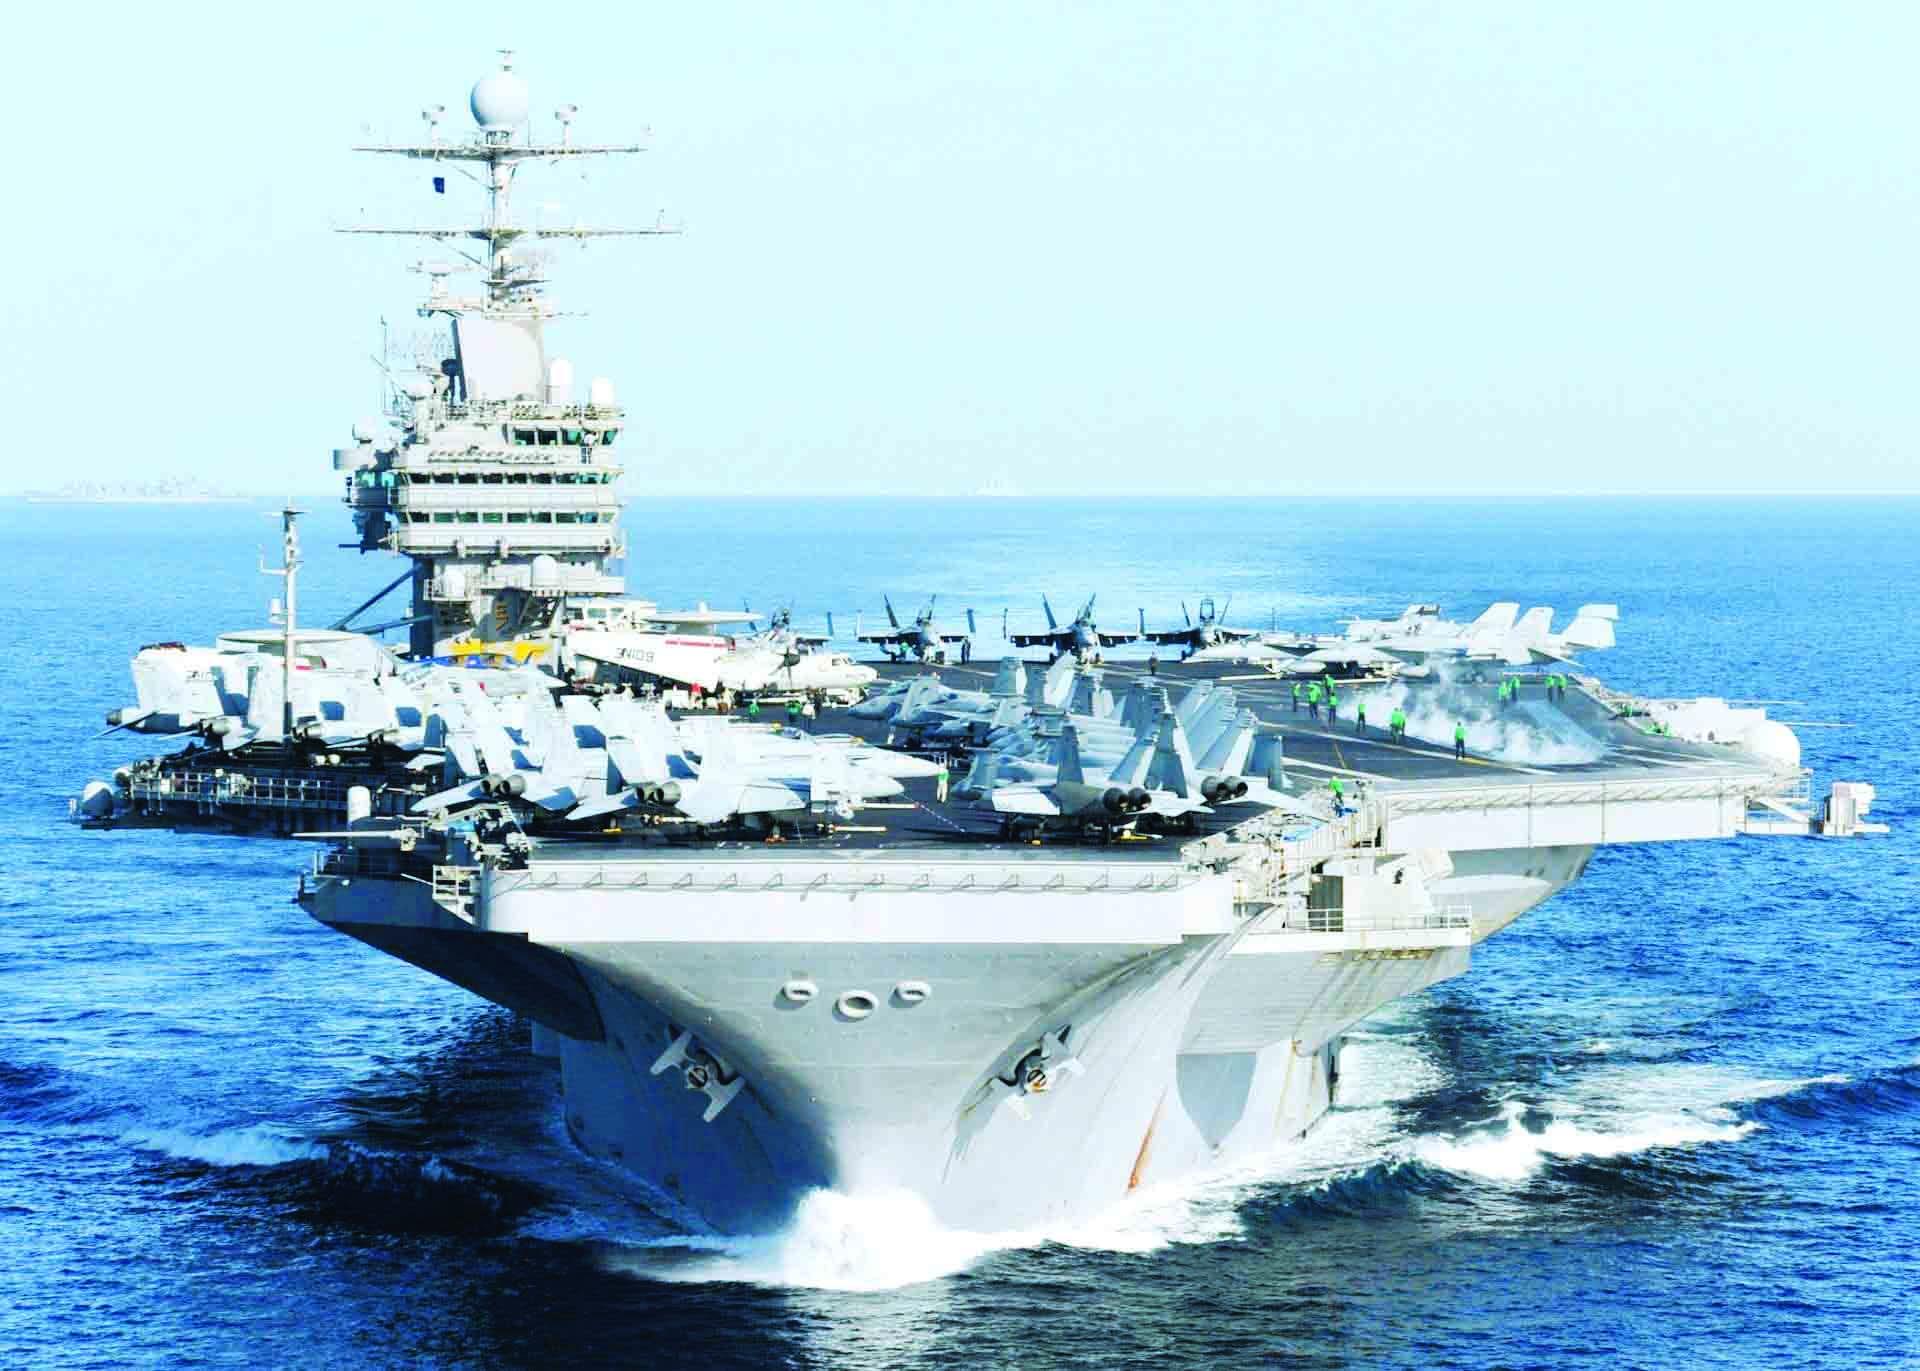 EE.UU. se prepara para responder ataque de Irán